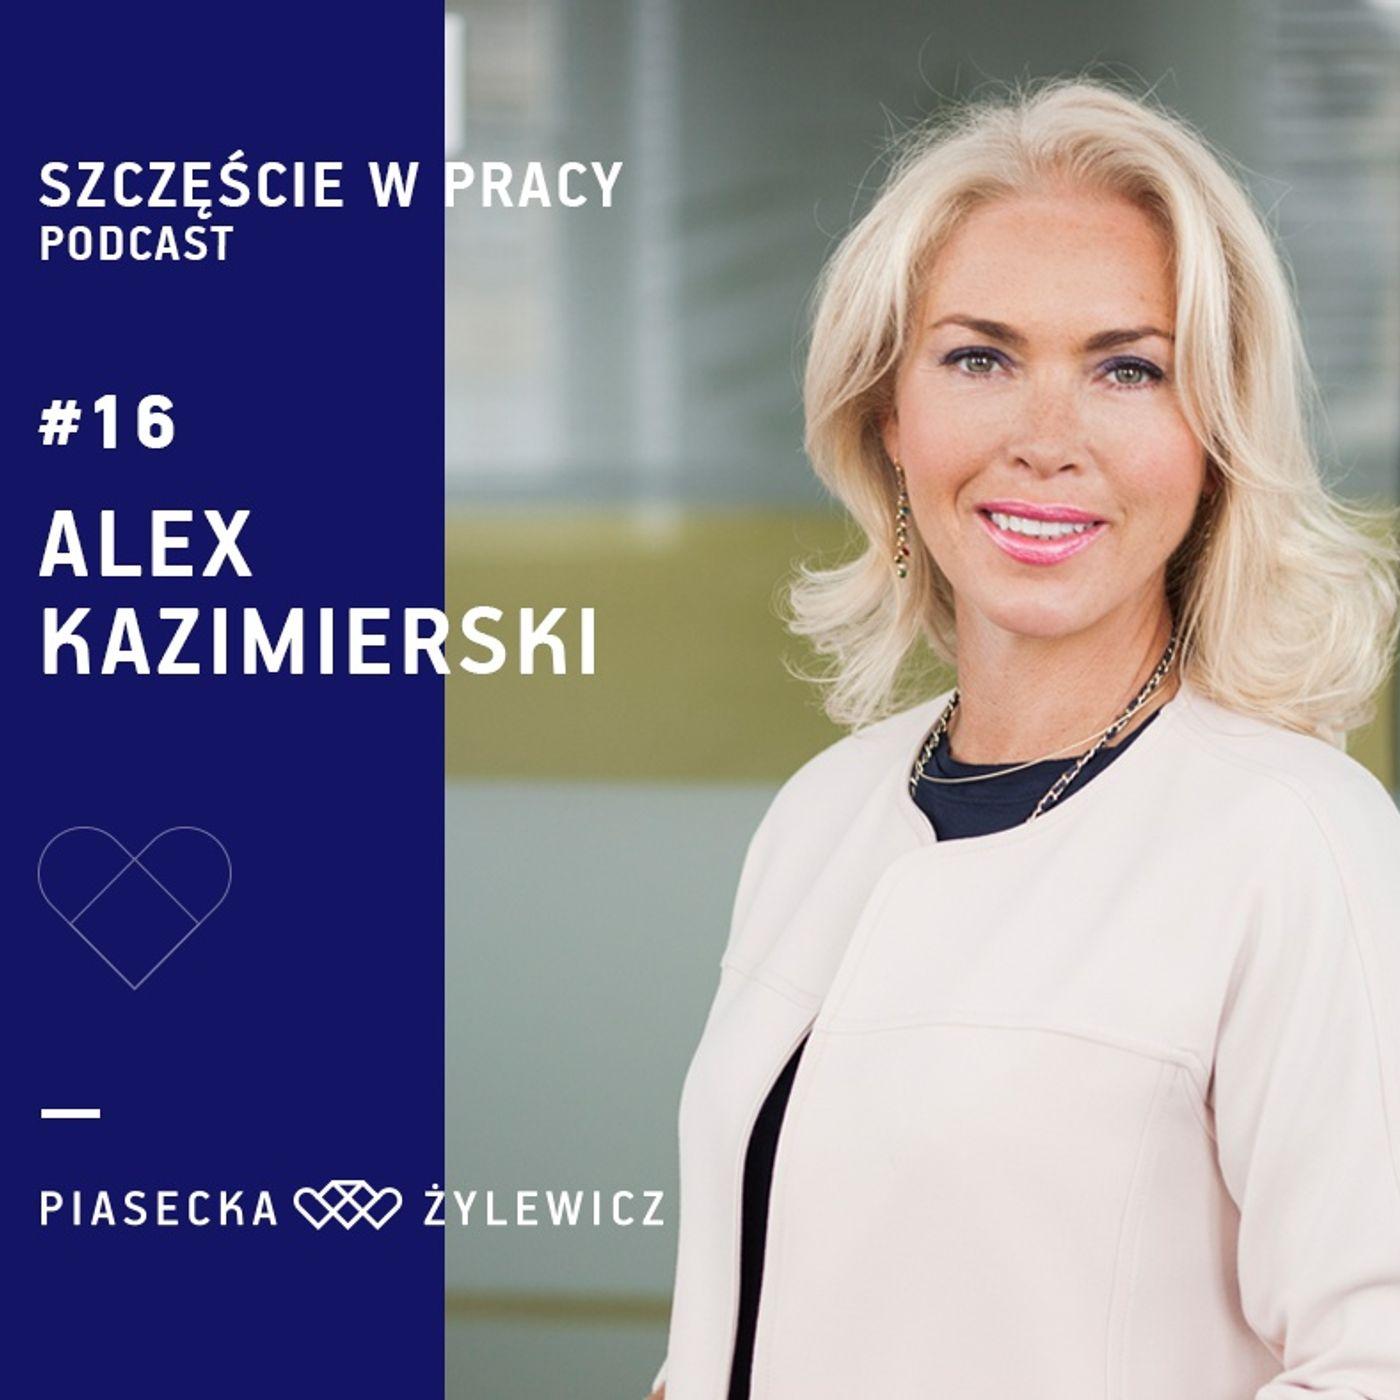 #16 Alex Kazimierski